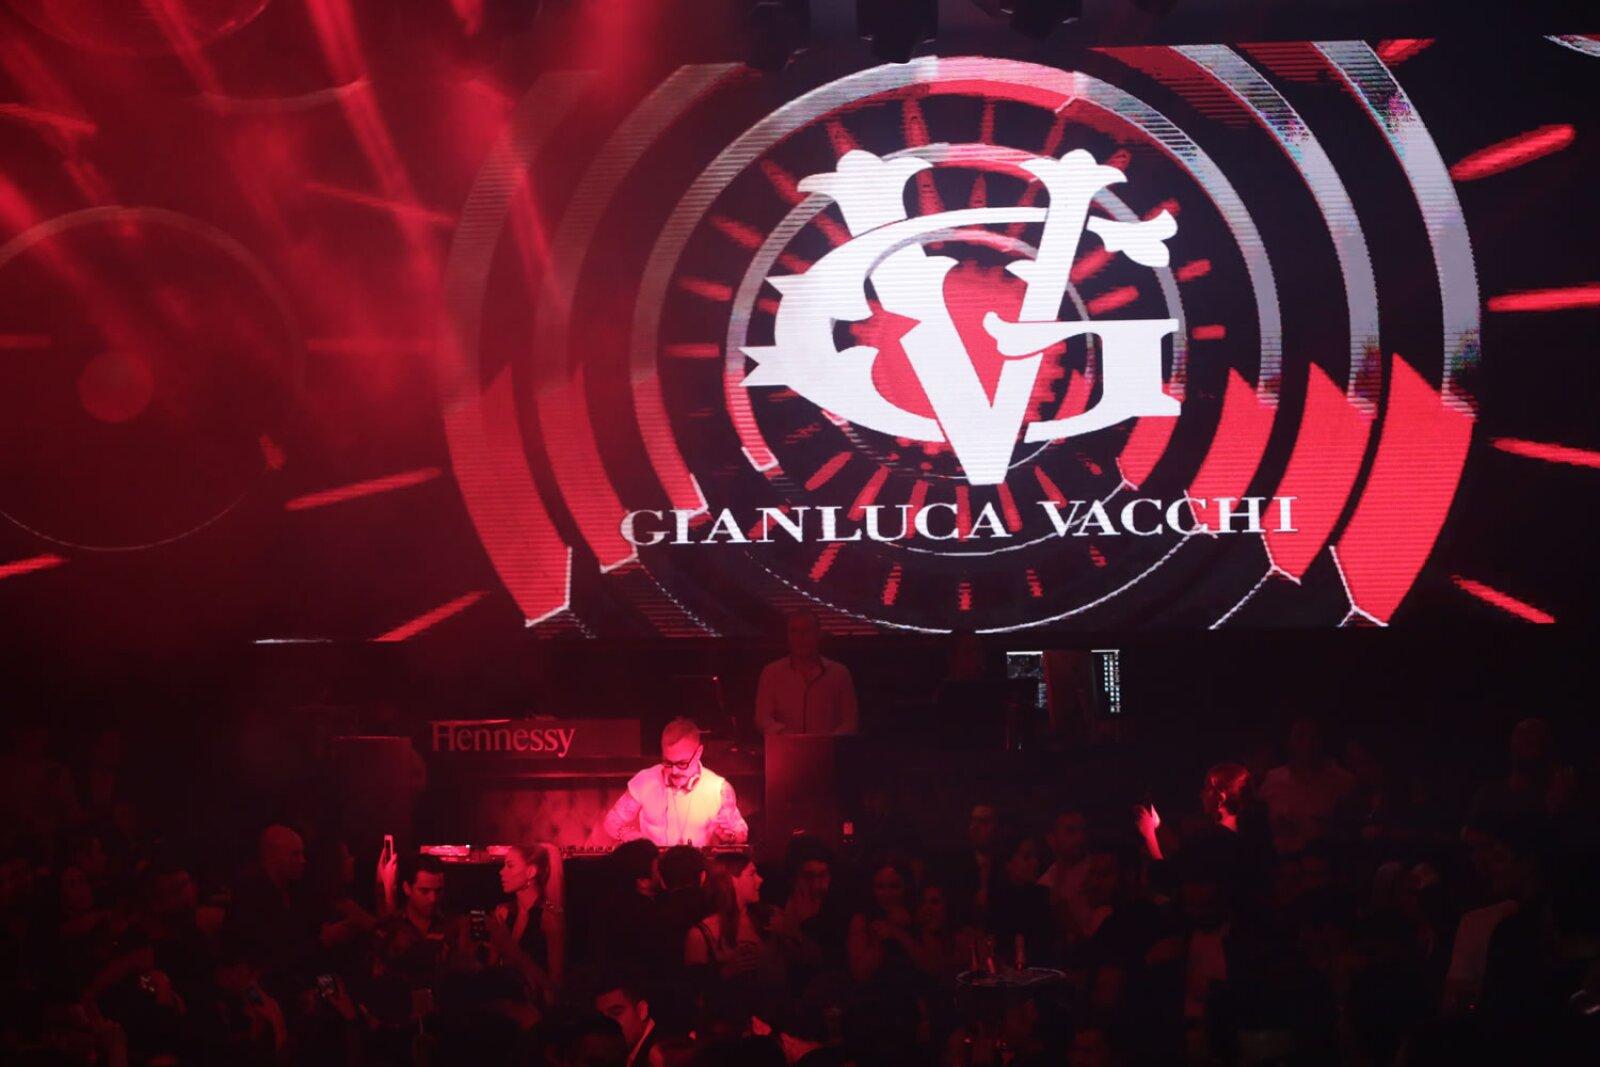 Gianluca Vacchi en La Santa